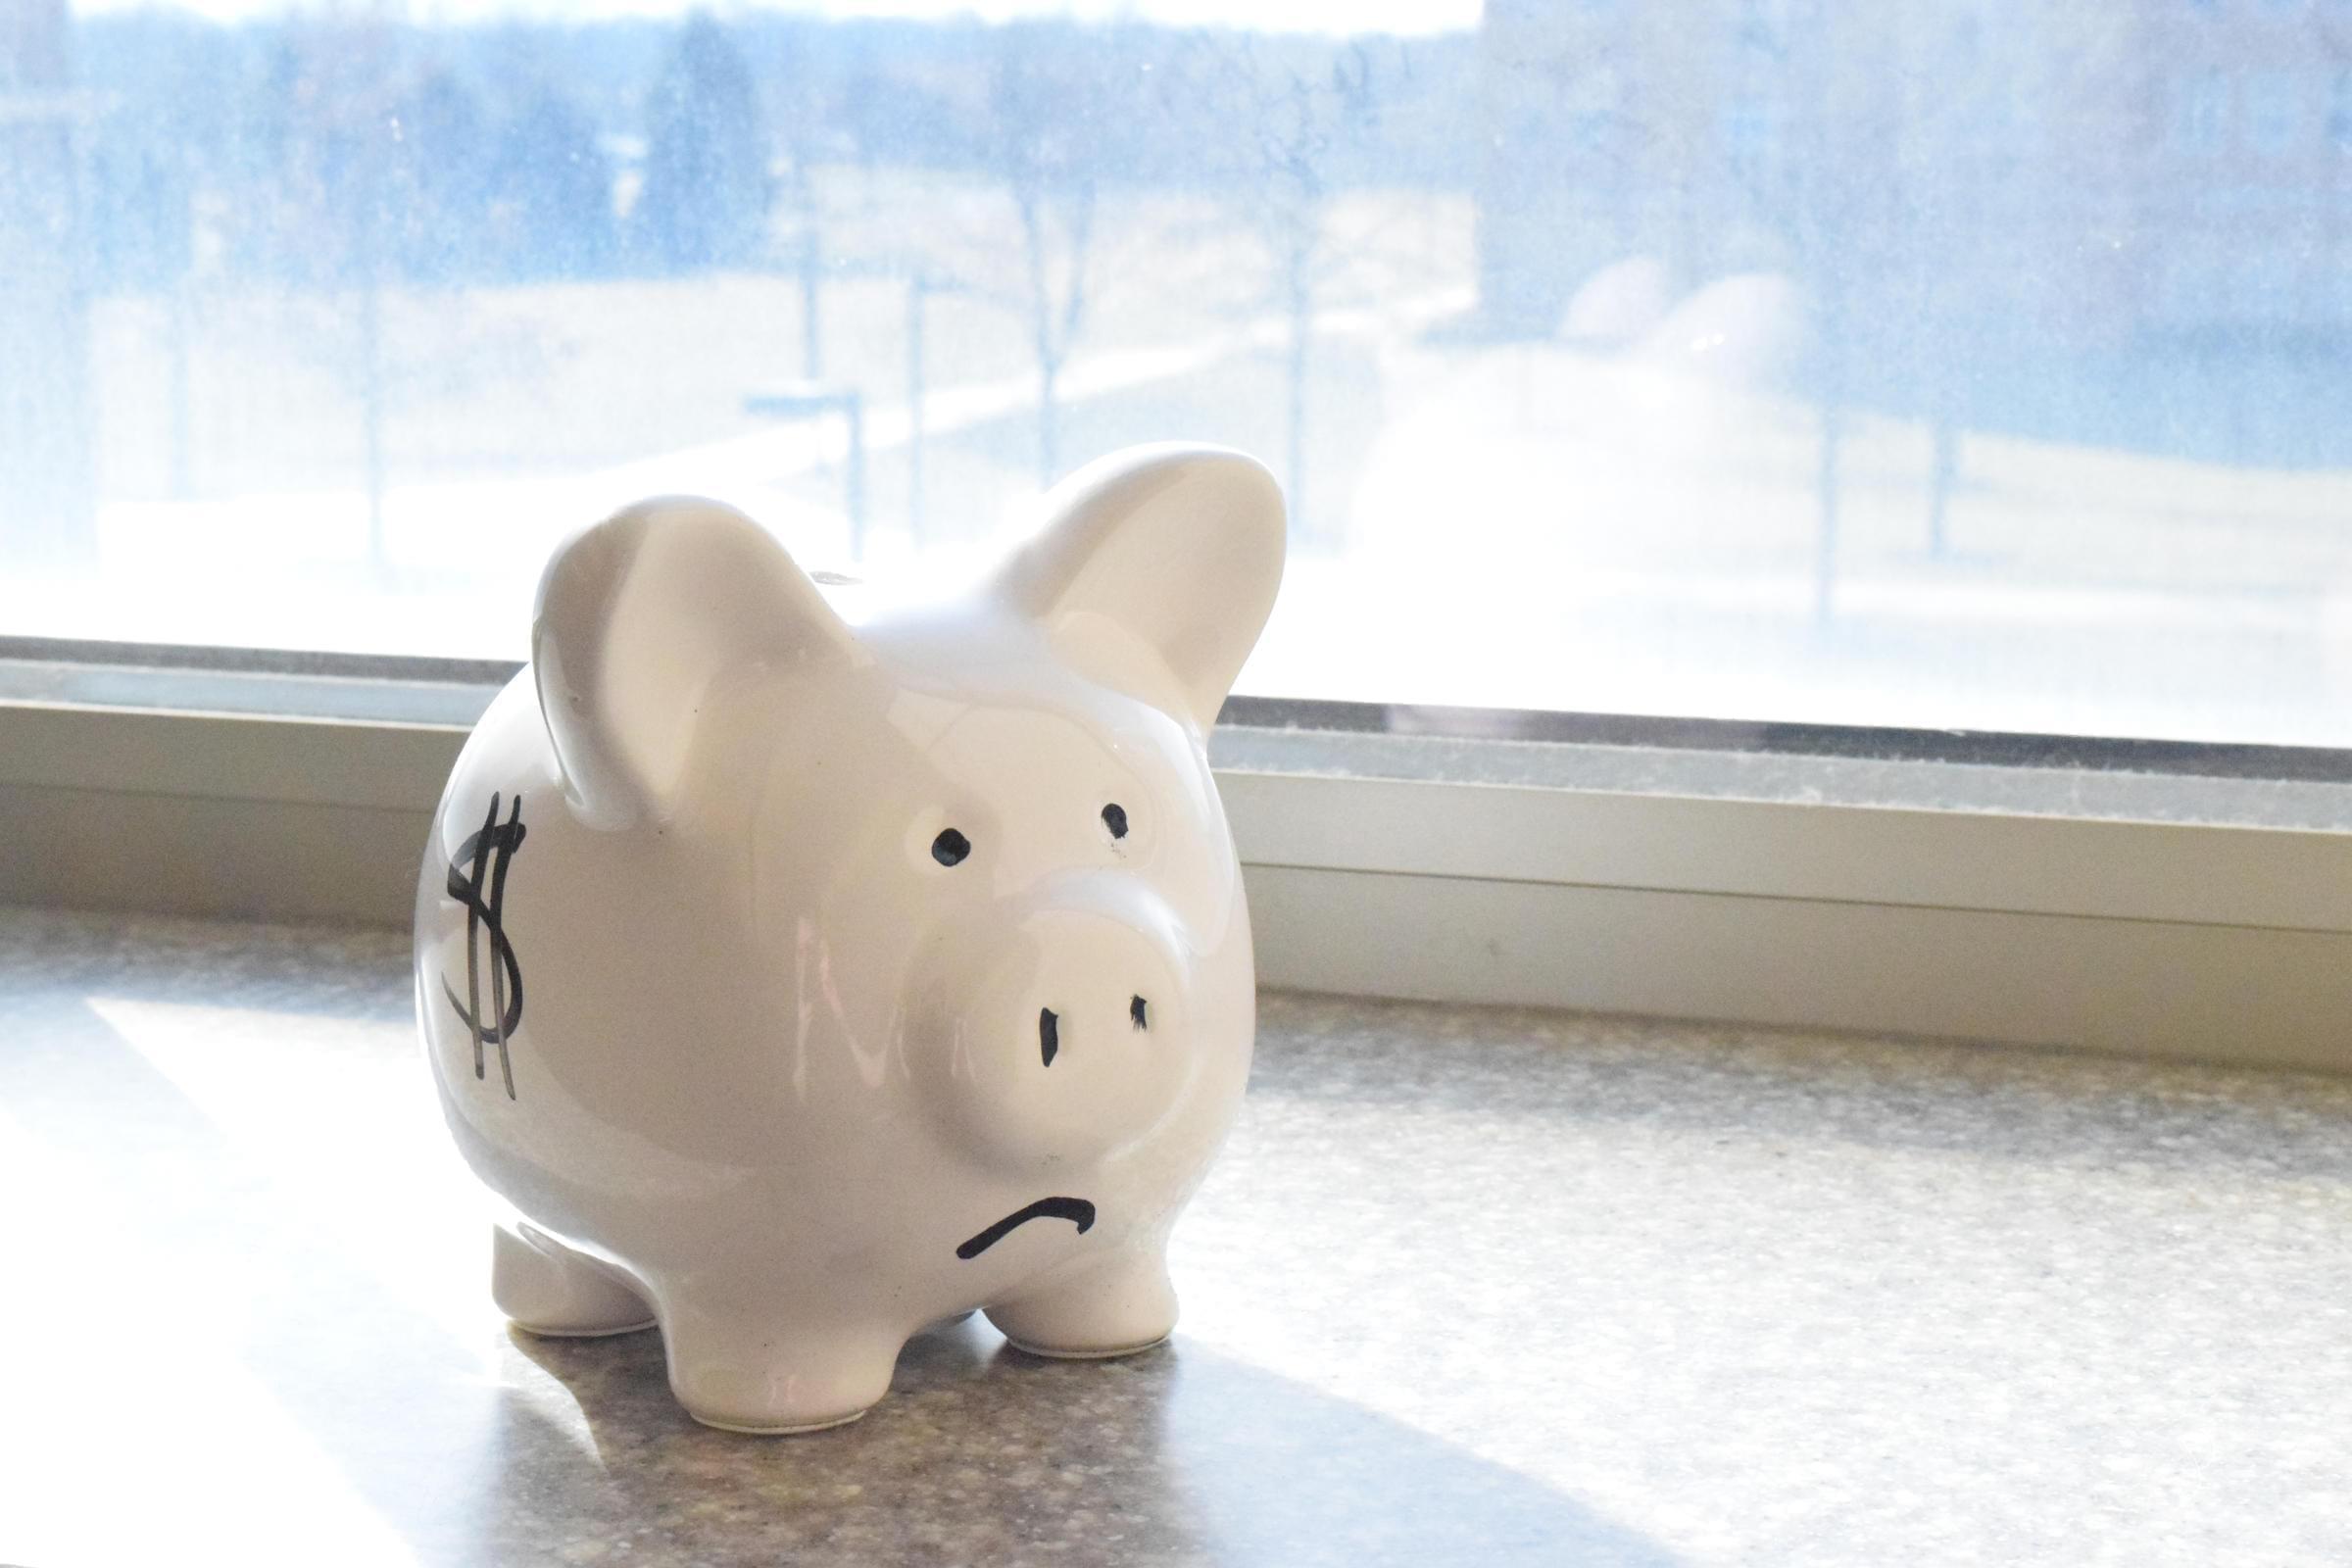 Sad face piggy bank.